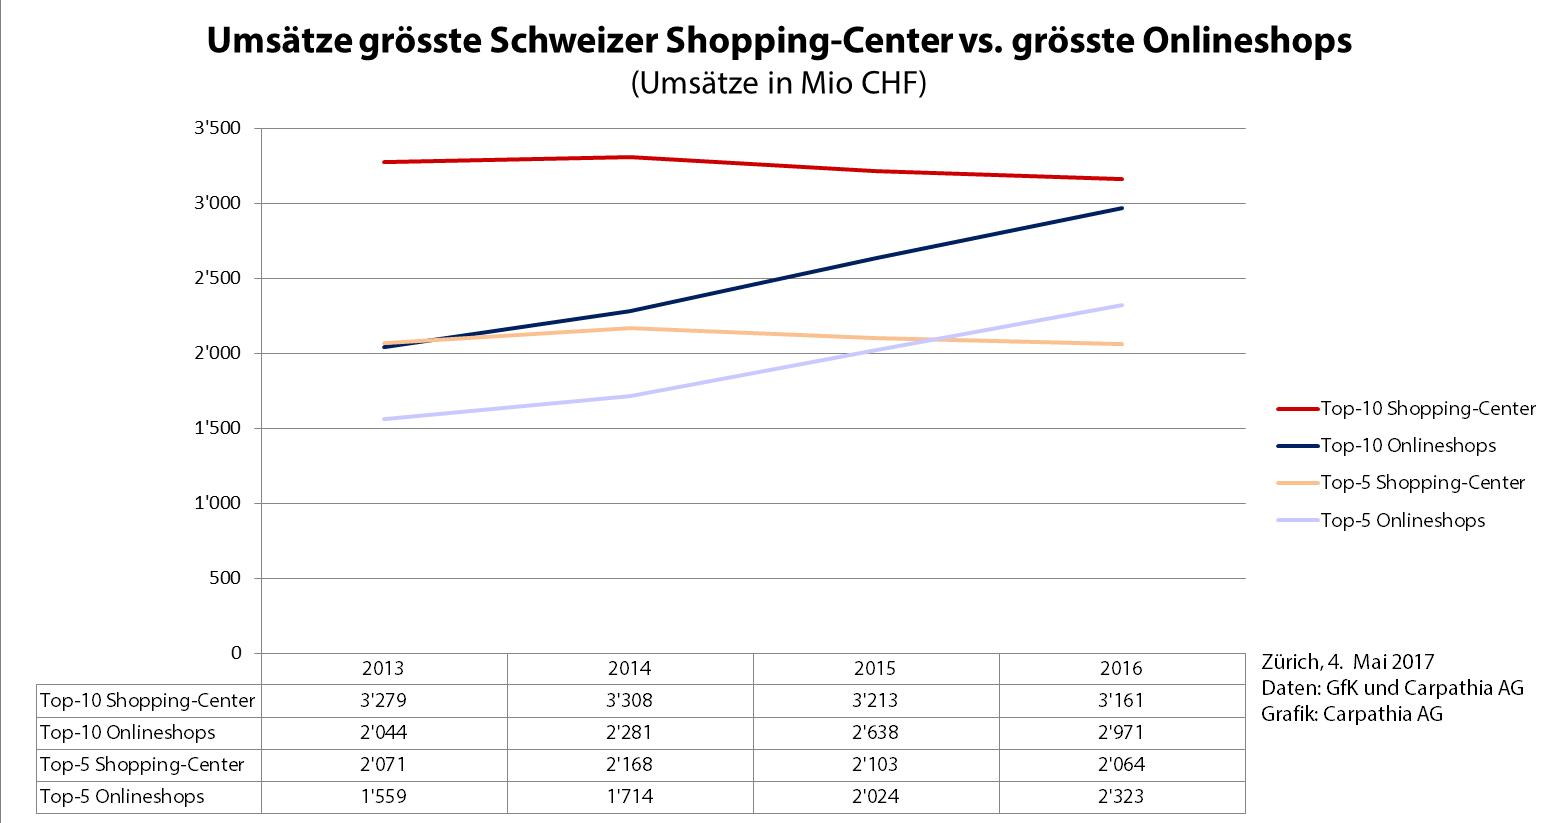 Umsätze grösste Schweizer Shopping-Center vs. grösste Onlineshops per Mai 2017 – Quelle: GfK/Carpathia AG – Grafik: Carpathia AG 2017